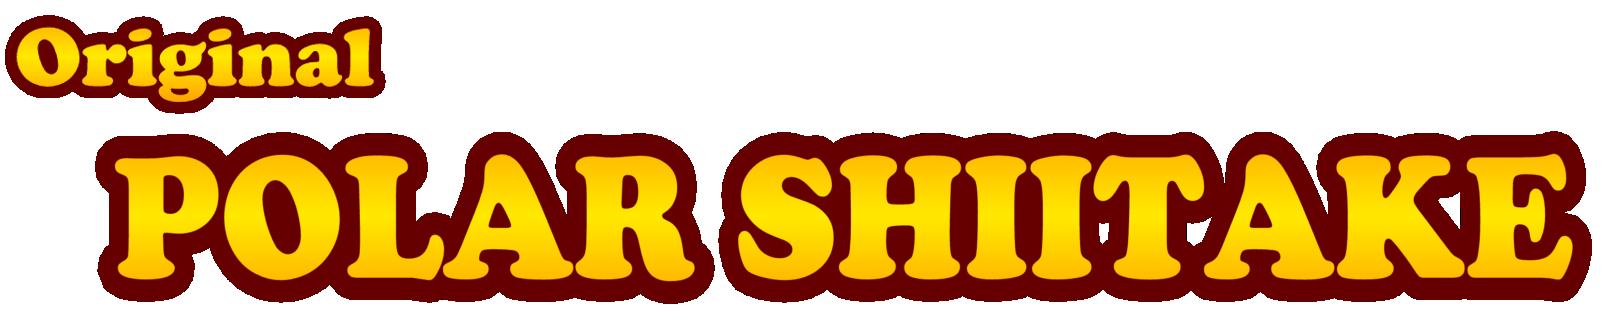 Original_Polar_Shiitake_logo1